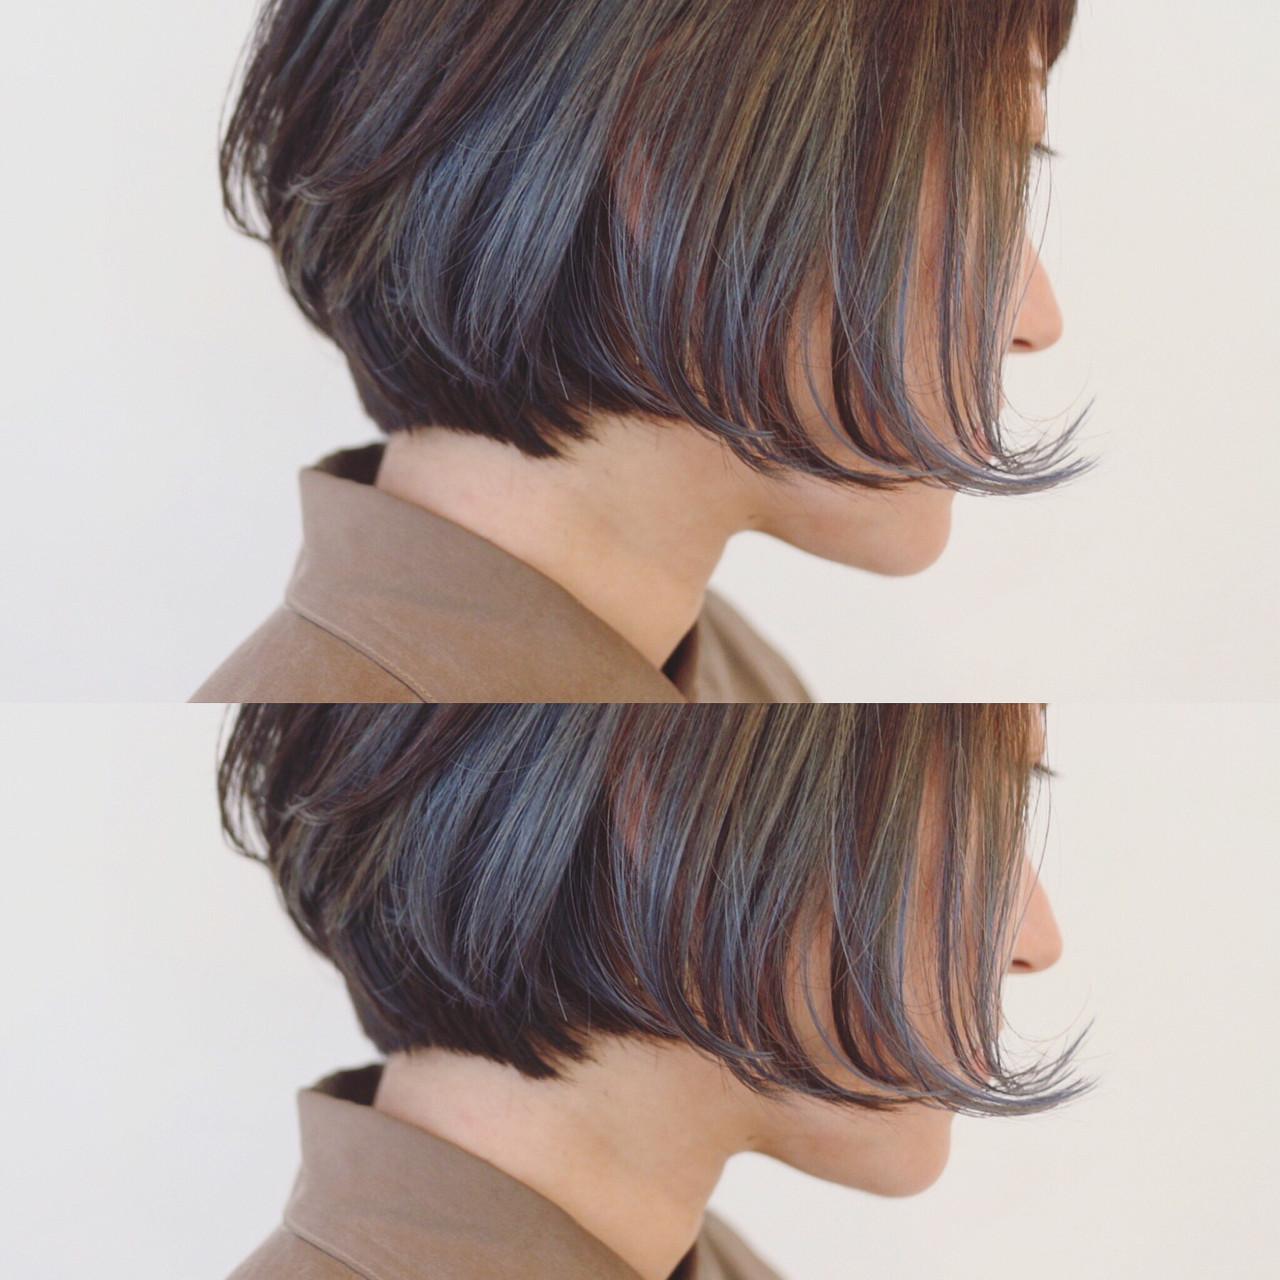 インナーカラー モード ボブ 冬 ヘアスタイルや髪型の写真・画像